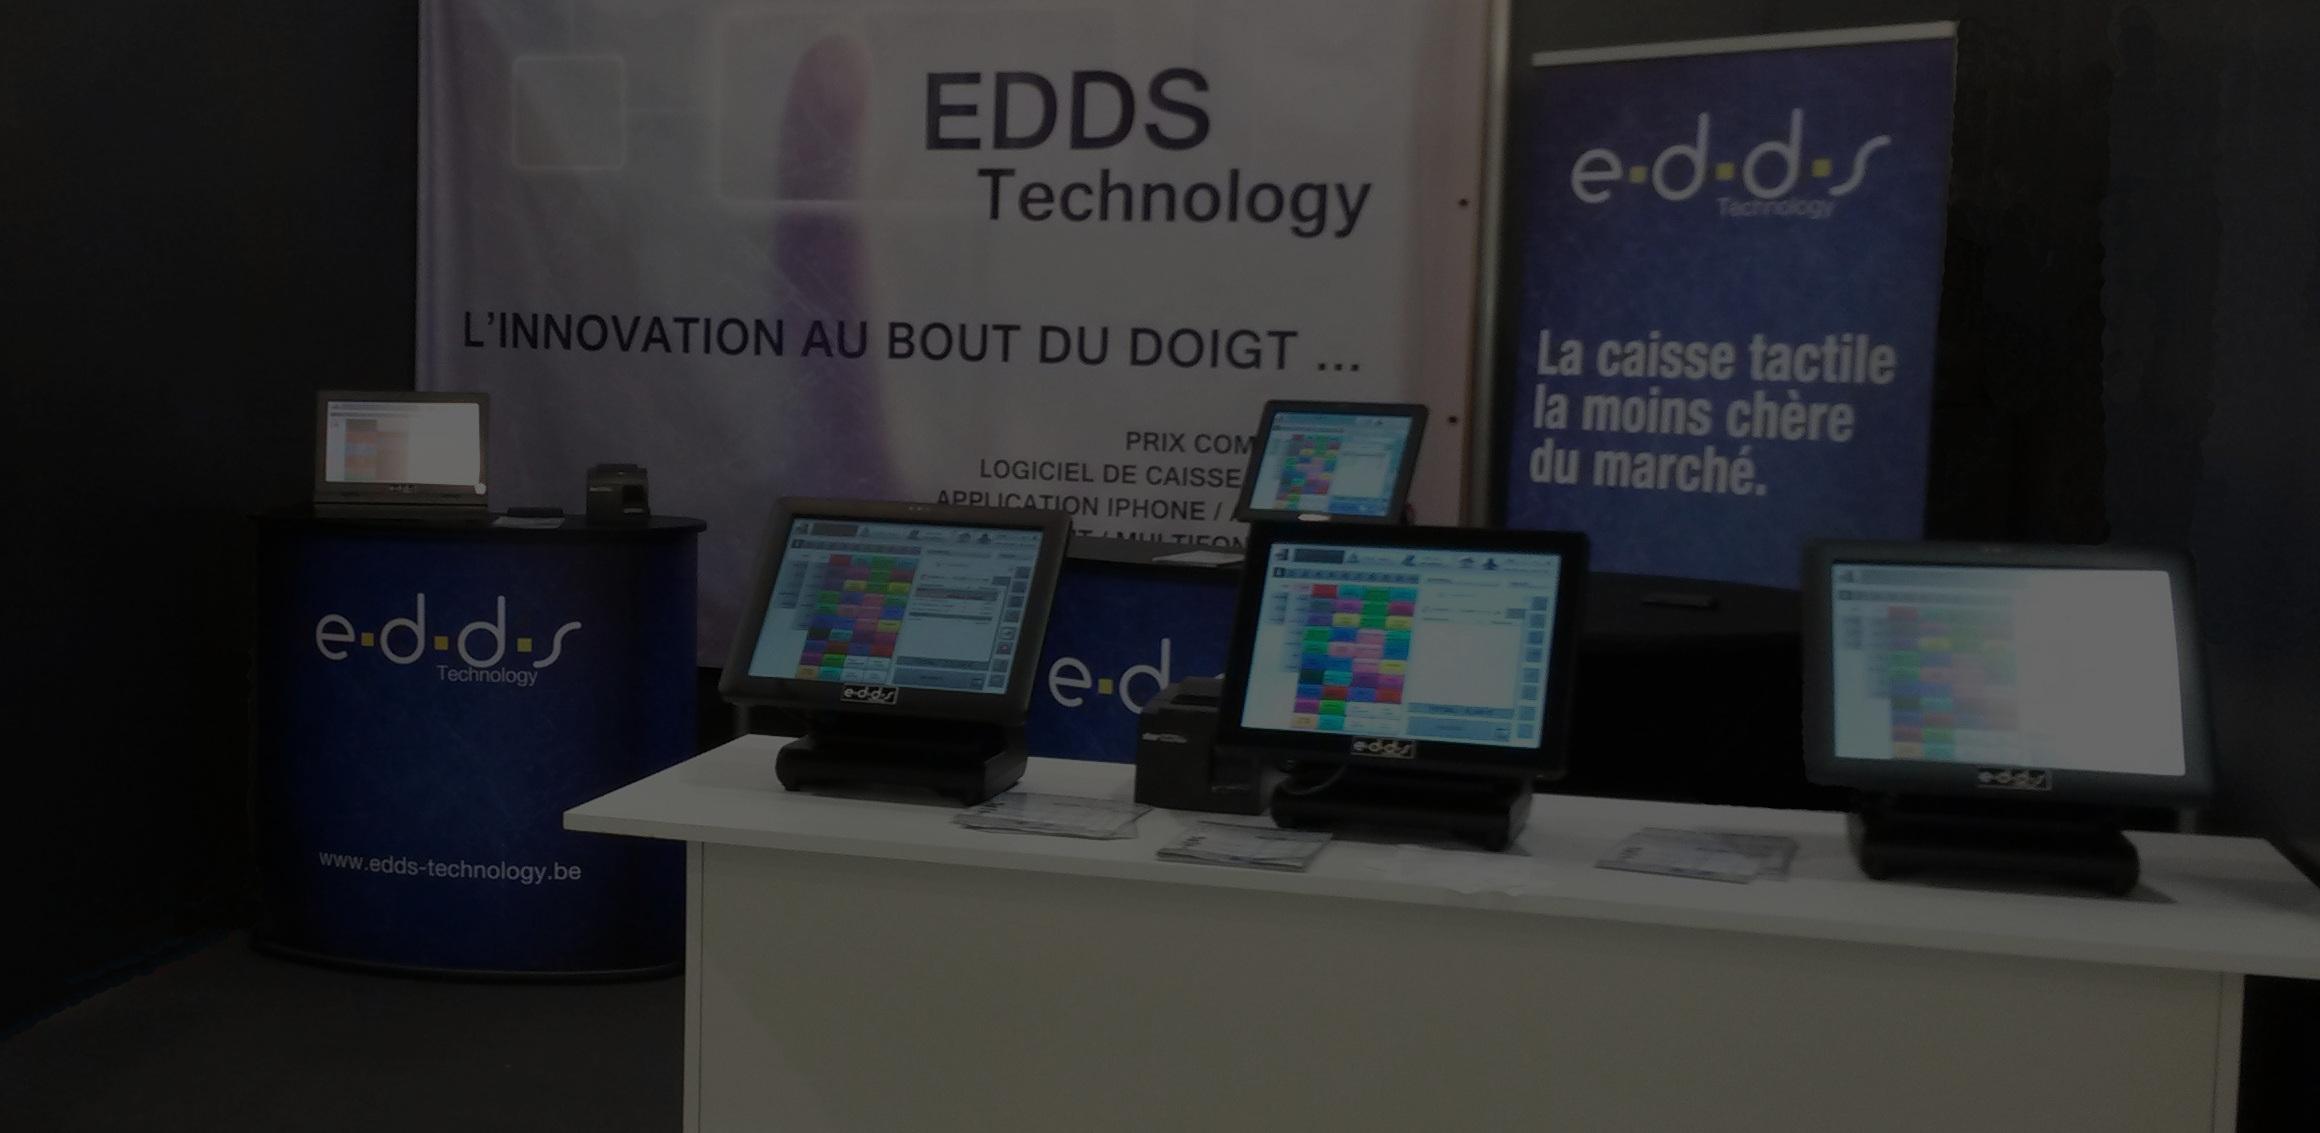 EDDS Technology